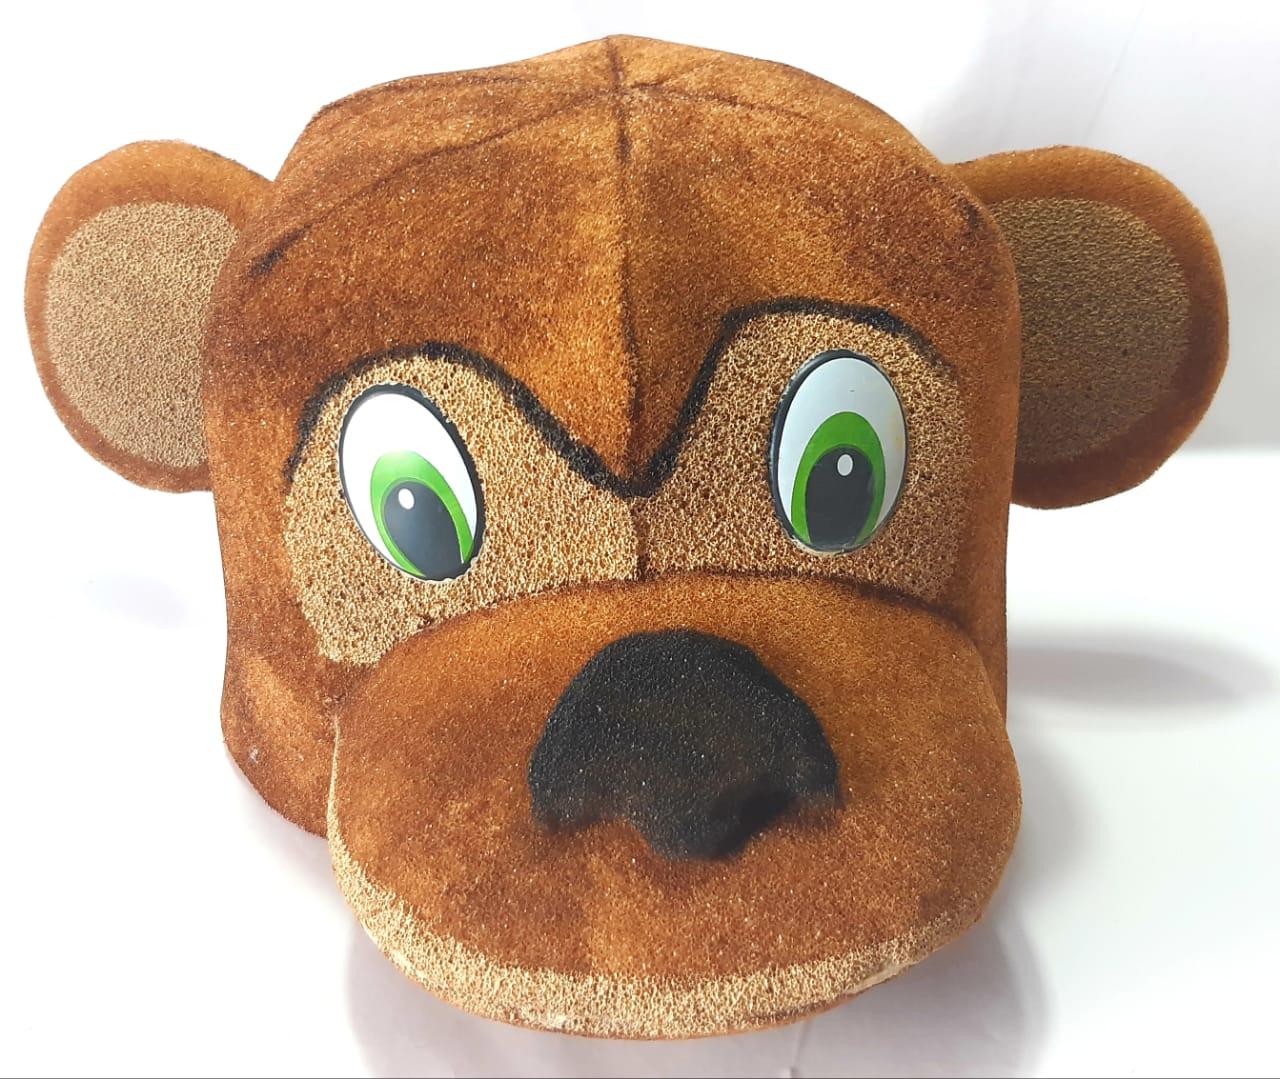 Macaco - Chapéu de espuma - Estimula a imaginação